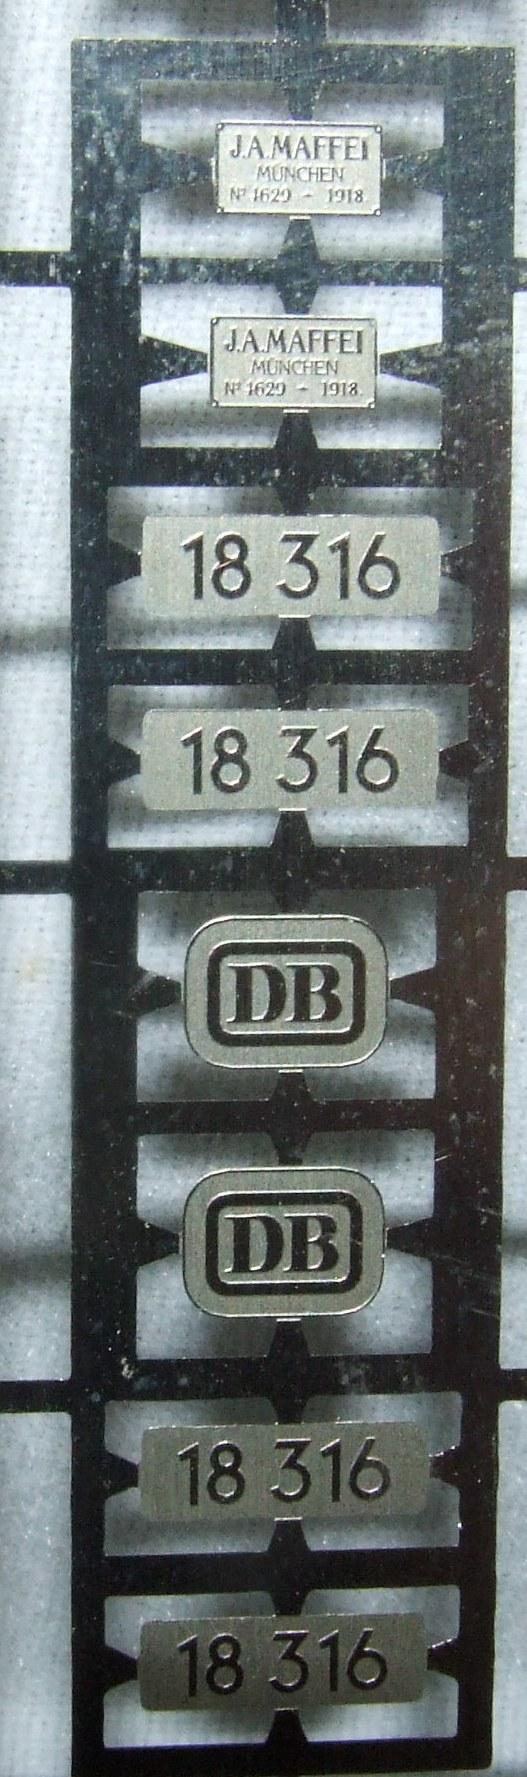 *LO 996* Liliput Ätzschildersatz Betriebs Nr BR 18 316 DB für 104001